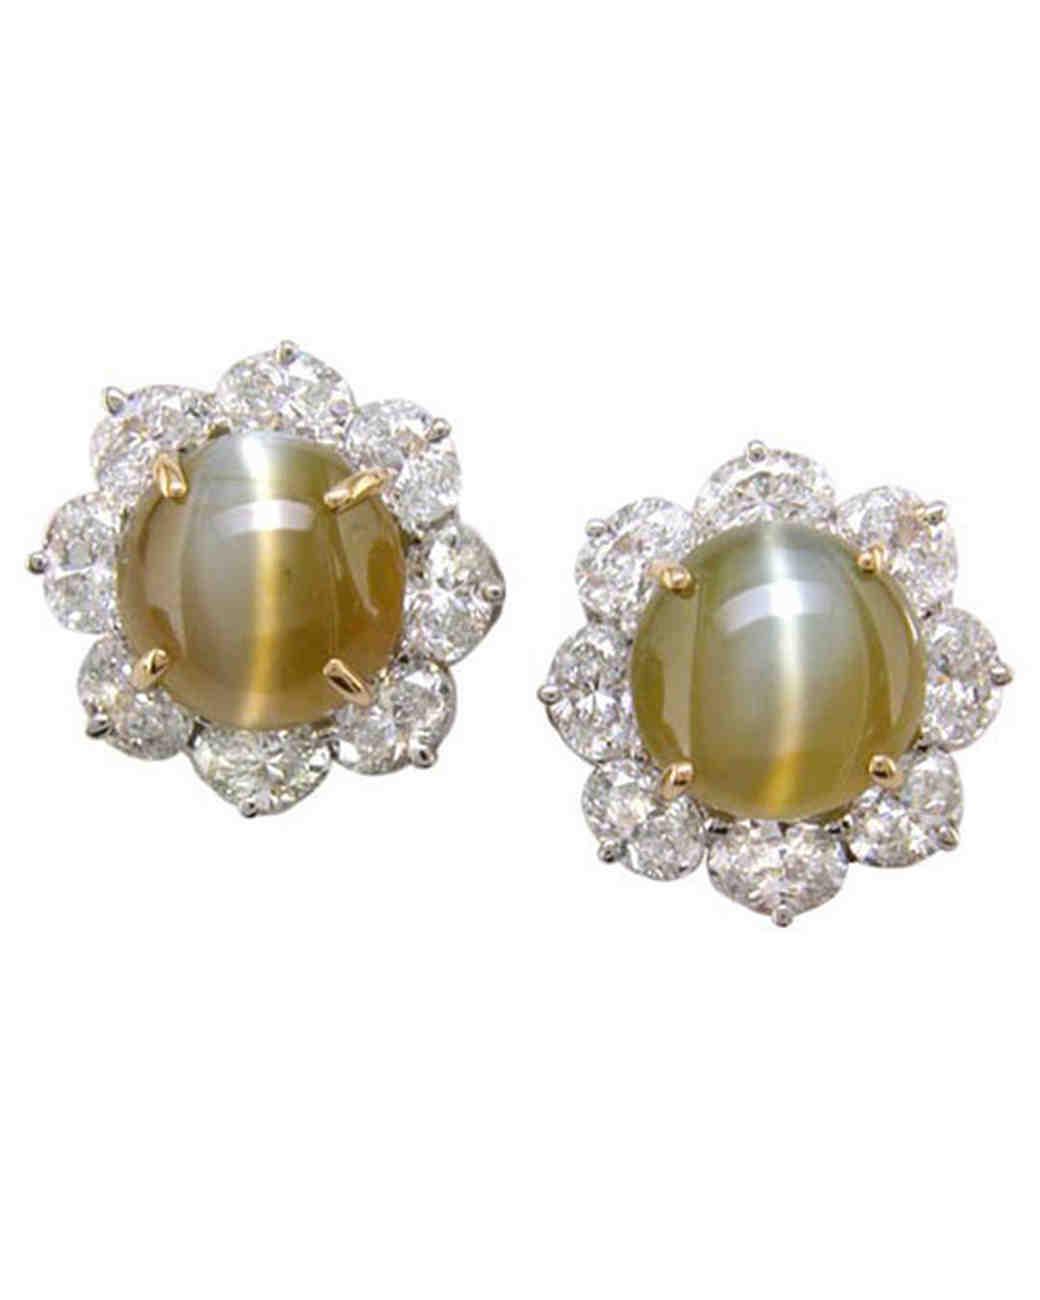 heyman_ohb_705594_gold_plat_catseye_dia_earrings.jpg